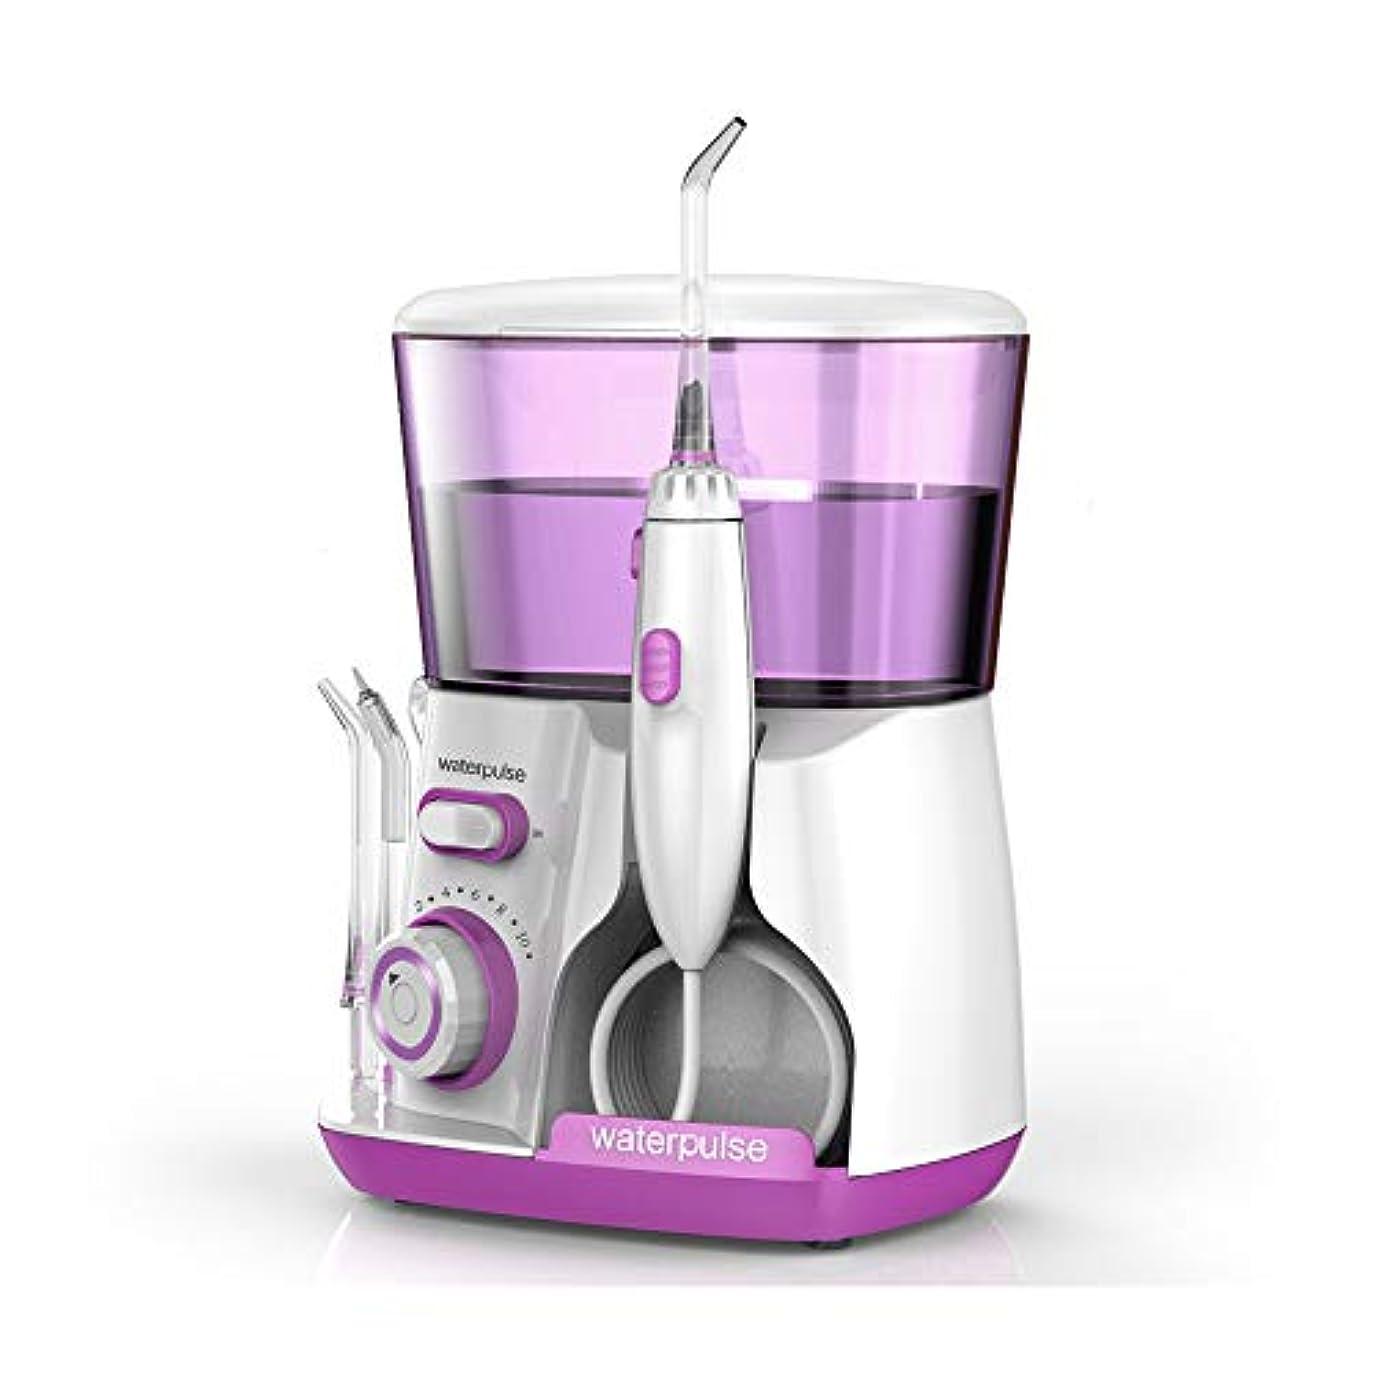 配分滑り台下にLoboo Idea V300 赤い歯洗濯機水フロスデンタルクリーナー口腔洗浄器、自由に調整可能な10種類の歯車、5種類のノズルを含む、歯の清掃が360度容易、あなたの歯のニーズを満たすために (V300R, 紫色)